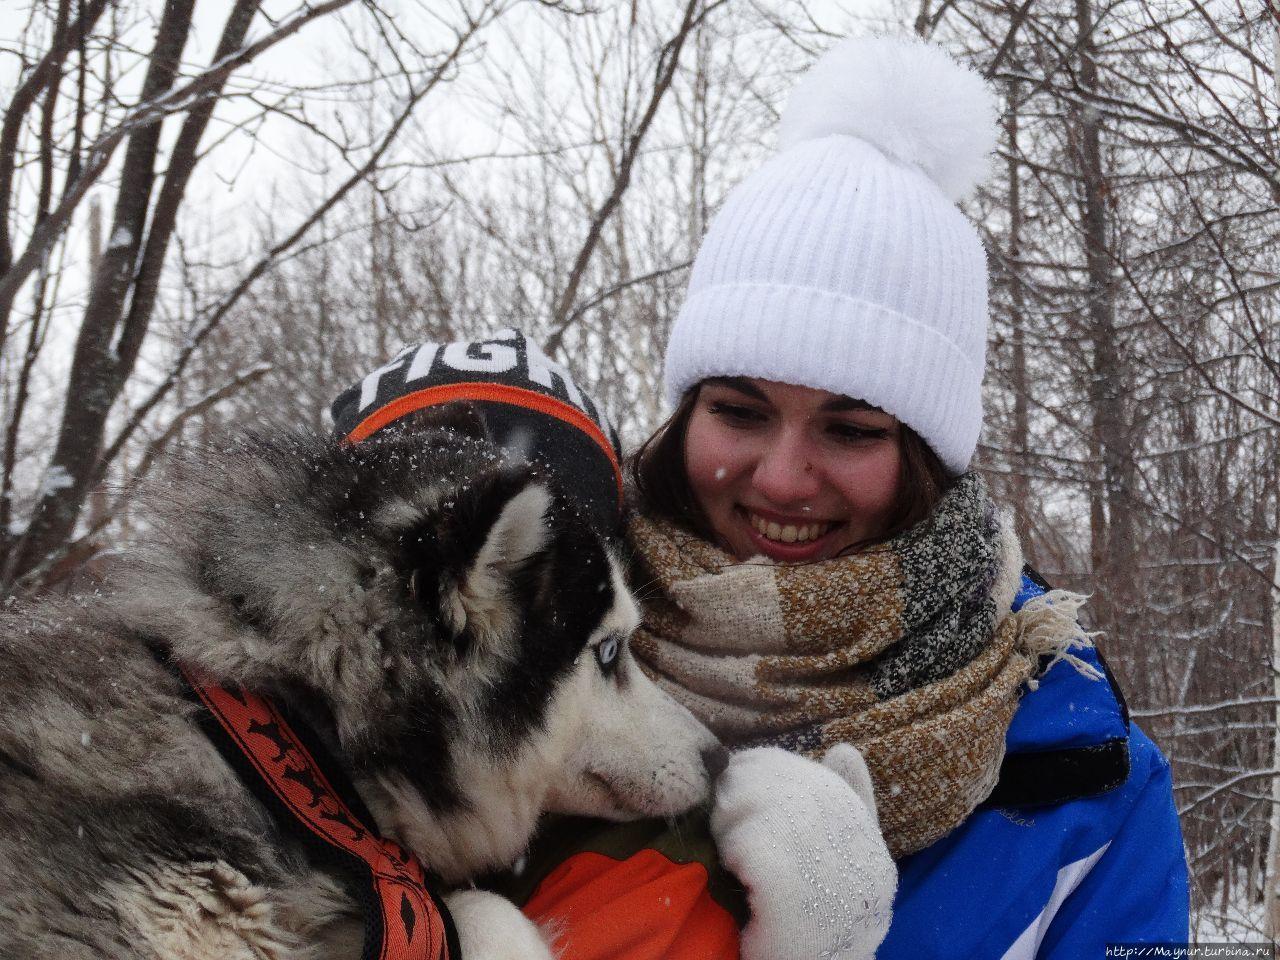 Олени хорошо, но собаки лучше Южно-Сахалинск, Россия